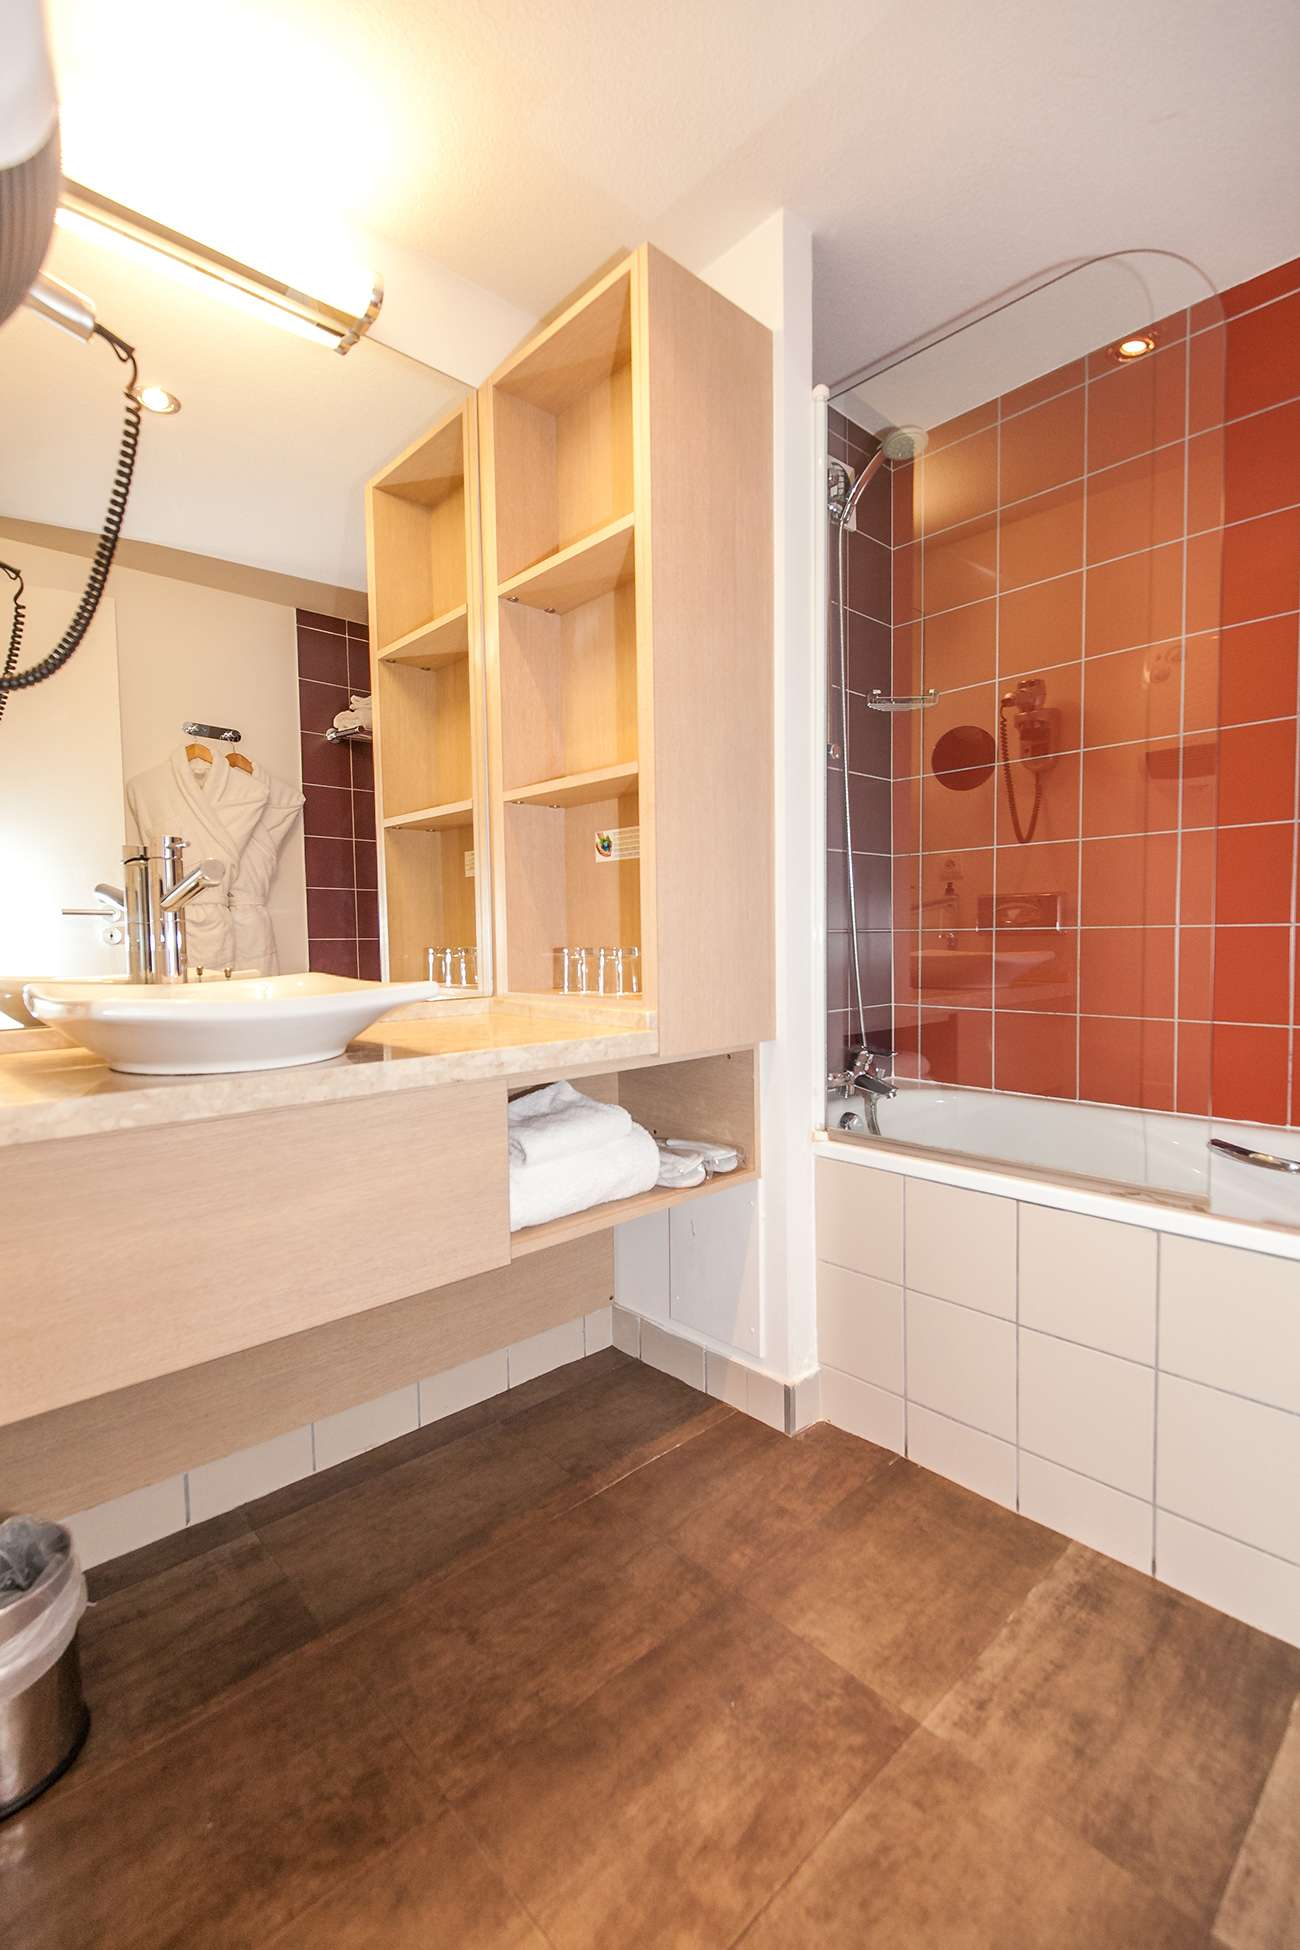 3_Hôtel Best Western Plus Vannes Centre